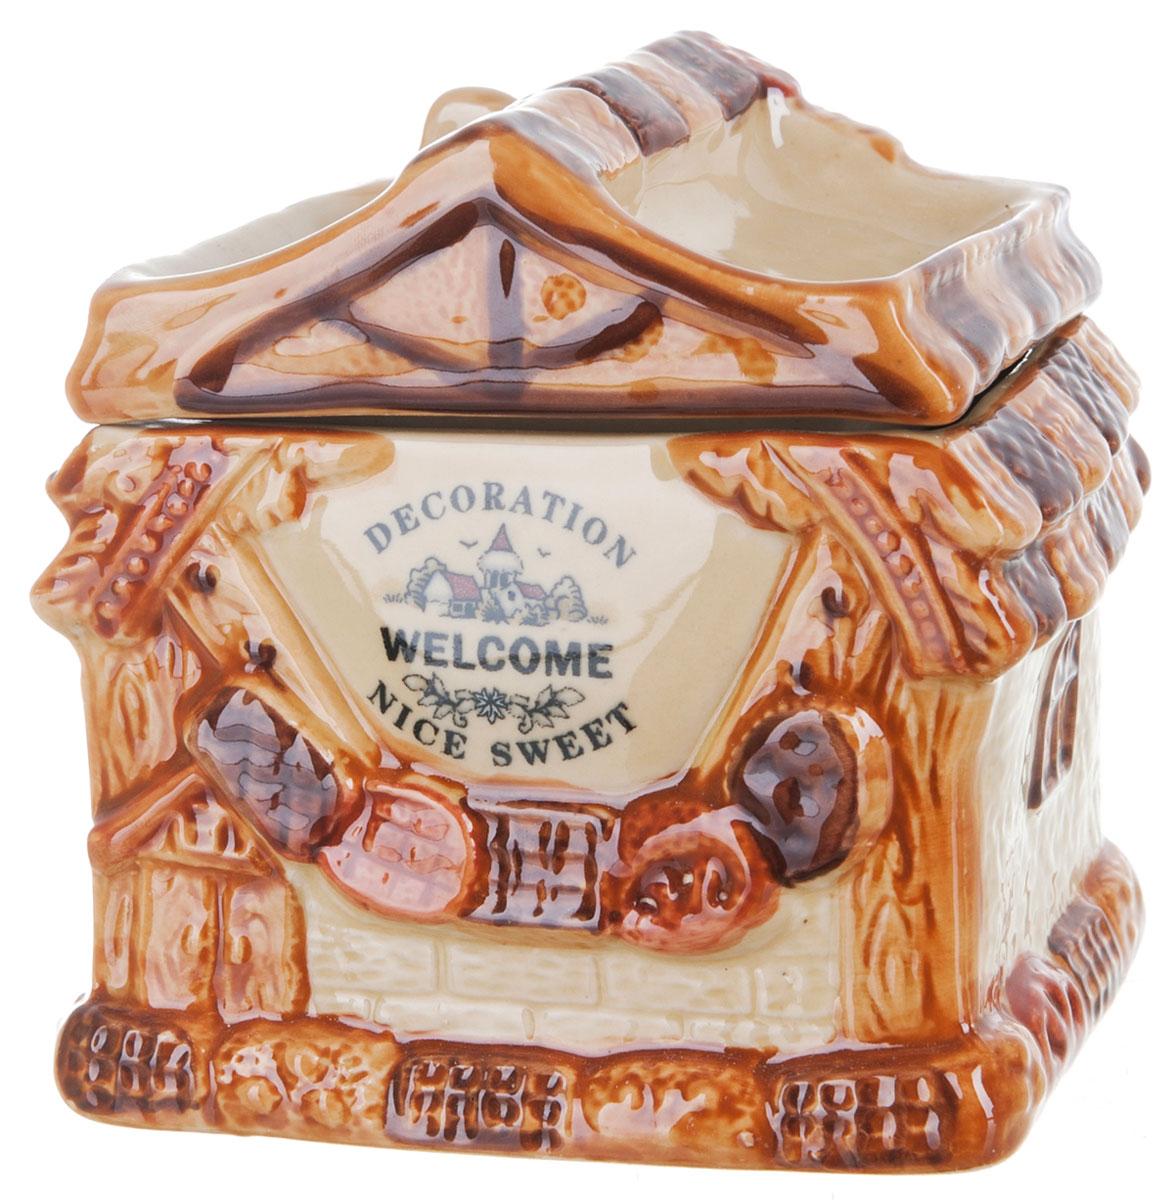 Банка для сыпучих продуктов ENS Group Дом, милый дом, 800 мл0790050Банка для сыпучих продуктов изготовлена из высококачественной керамики. Изделие оформлено красочным изображением в виде домика. Банка прекрасно подойдет для хранения различных сыпучих продуктов: чая, кофе, сахара, соли. Изящная емкость не только поможет хранить разнообразные сыпучие продукты, но и стильно дополнит интерьер кухни. Можно использовать в посудомоечной машине.